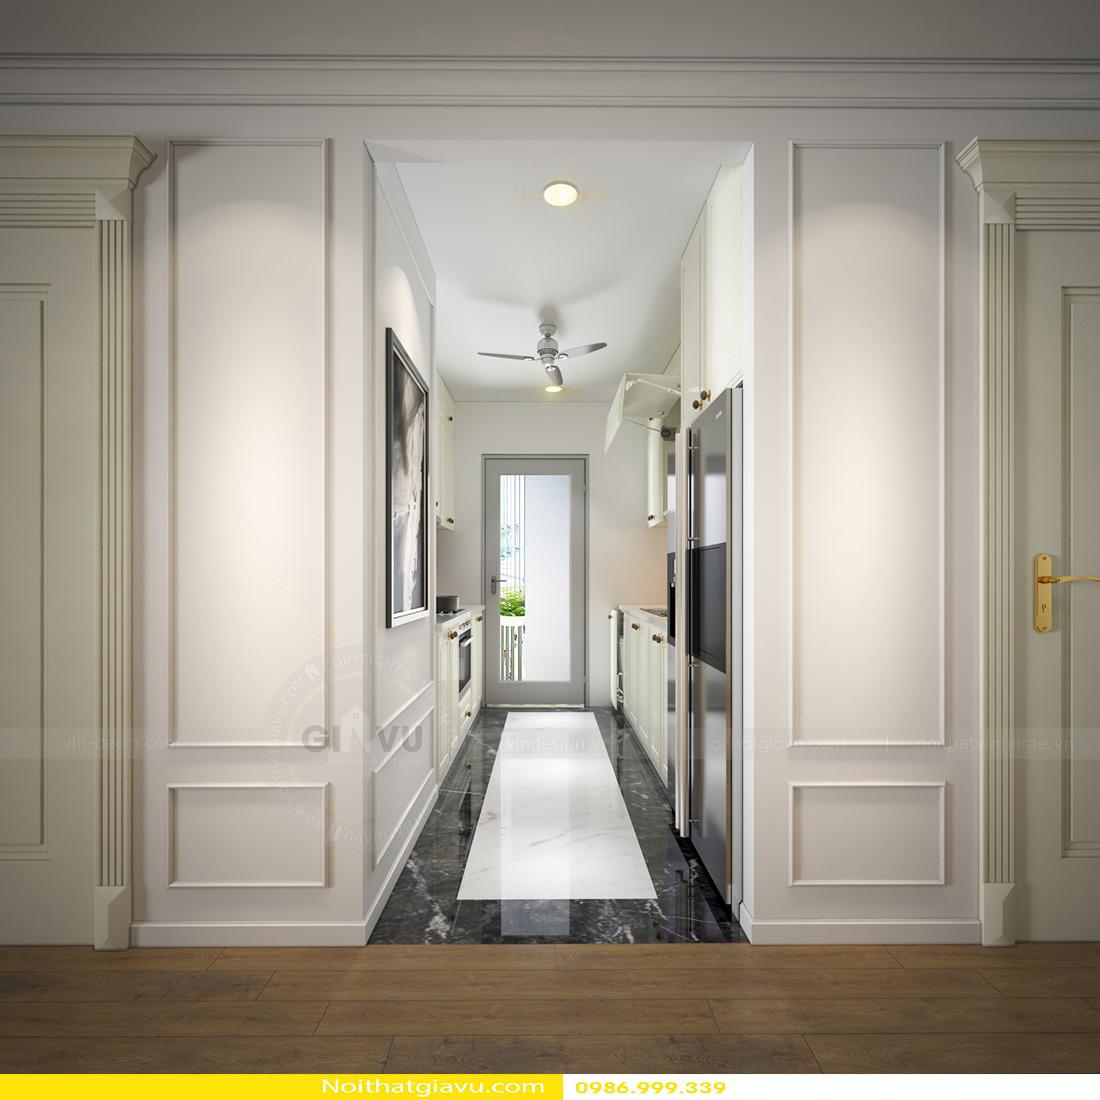 thiết kế thi công nội thất chung cư đẹp tại Hà Nội 07